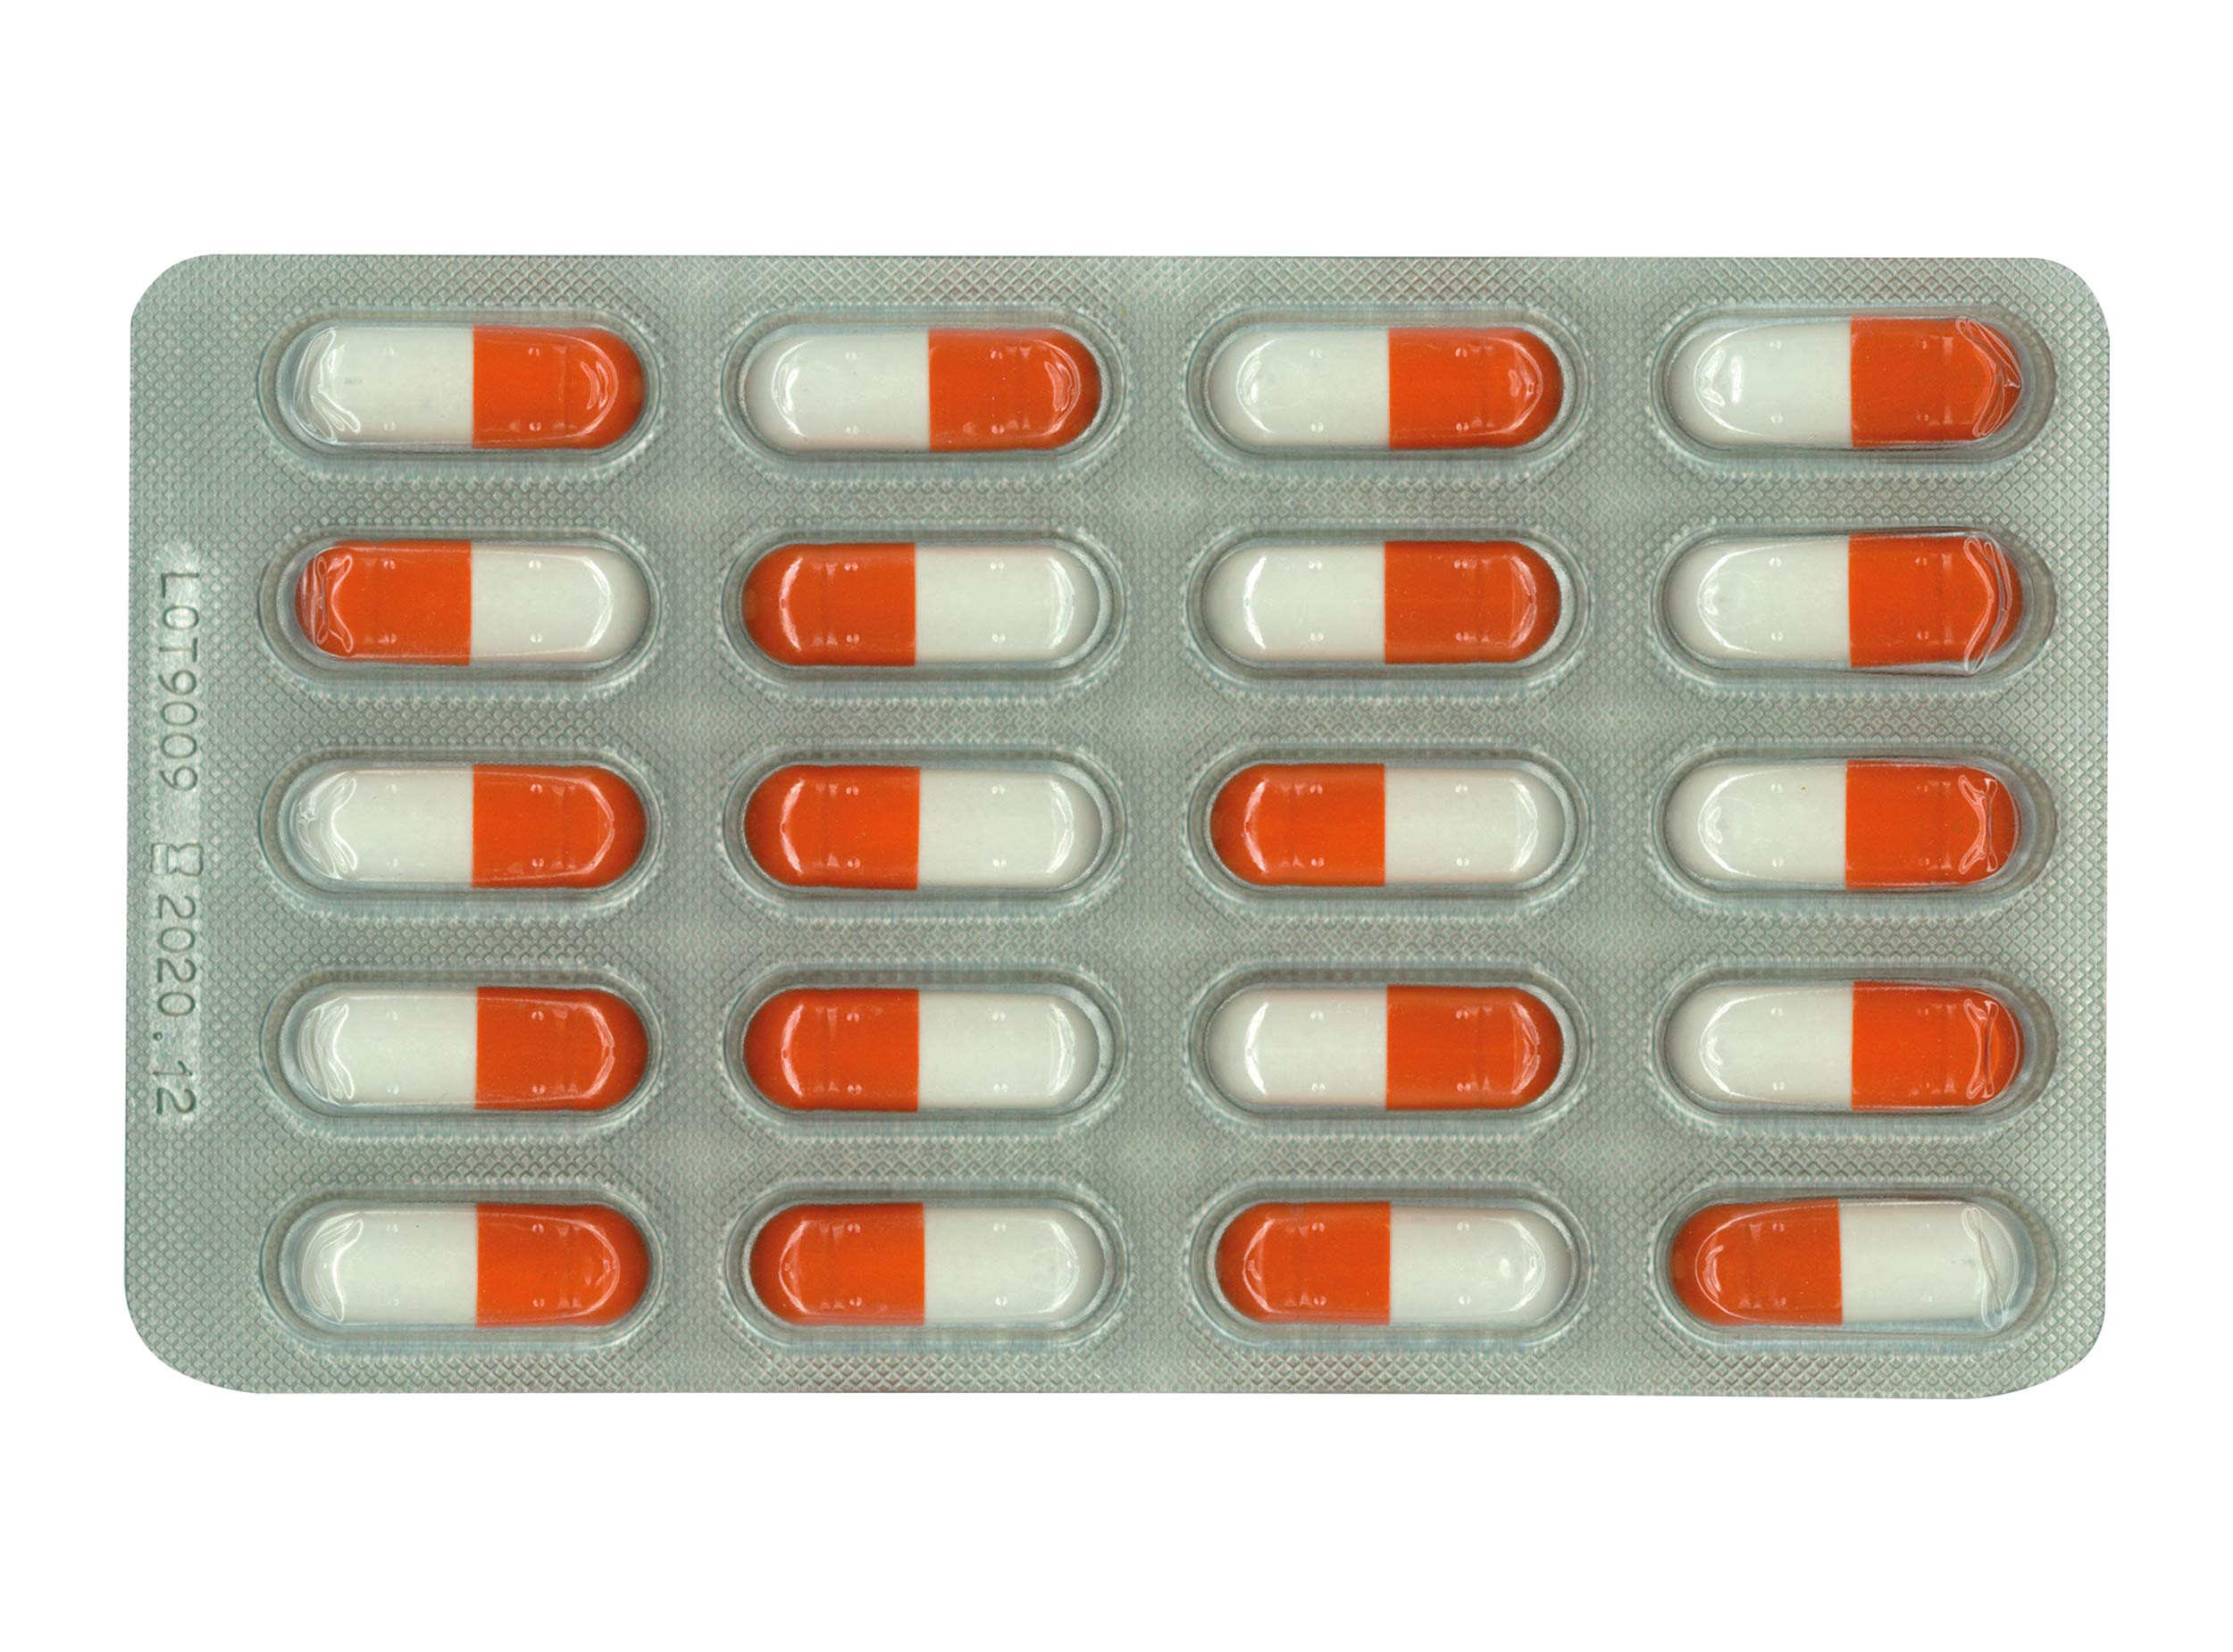 XL-S MEDICAL Forte 5 Pastiglie Dimagranti Forte, Trattamento Dimagrante con 5 Benefici in 1, App My Nudge Plan Inclusa… 5 spesavip